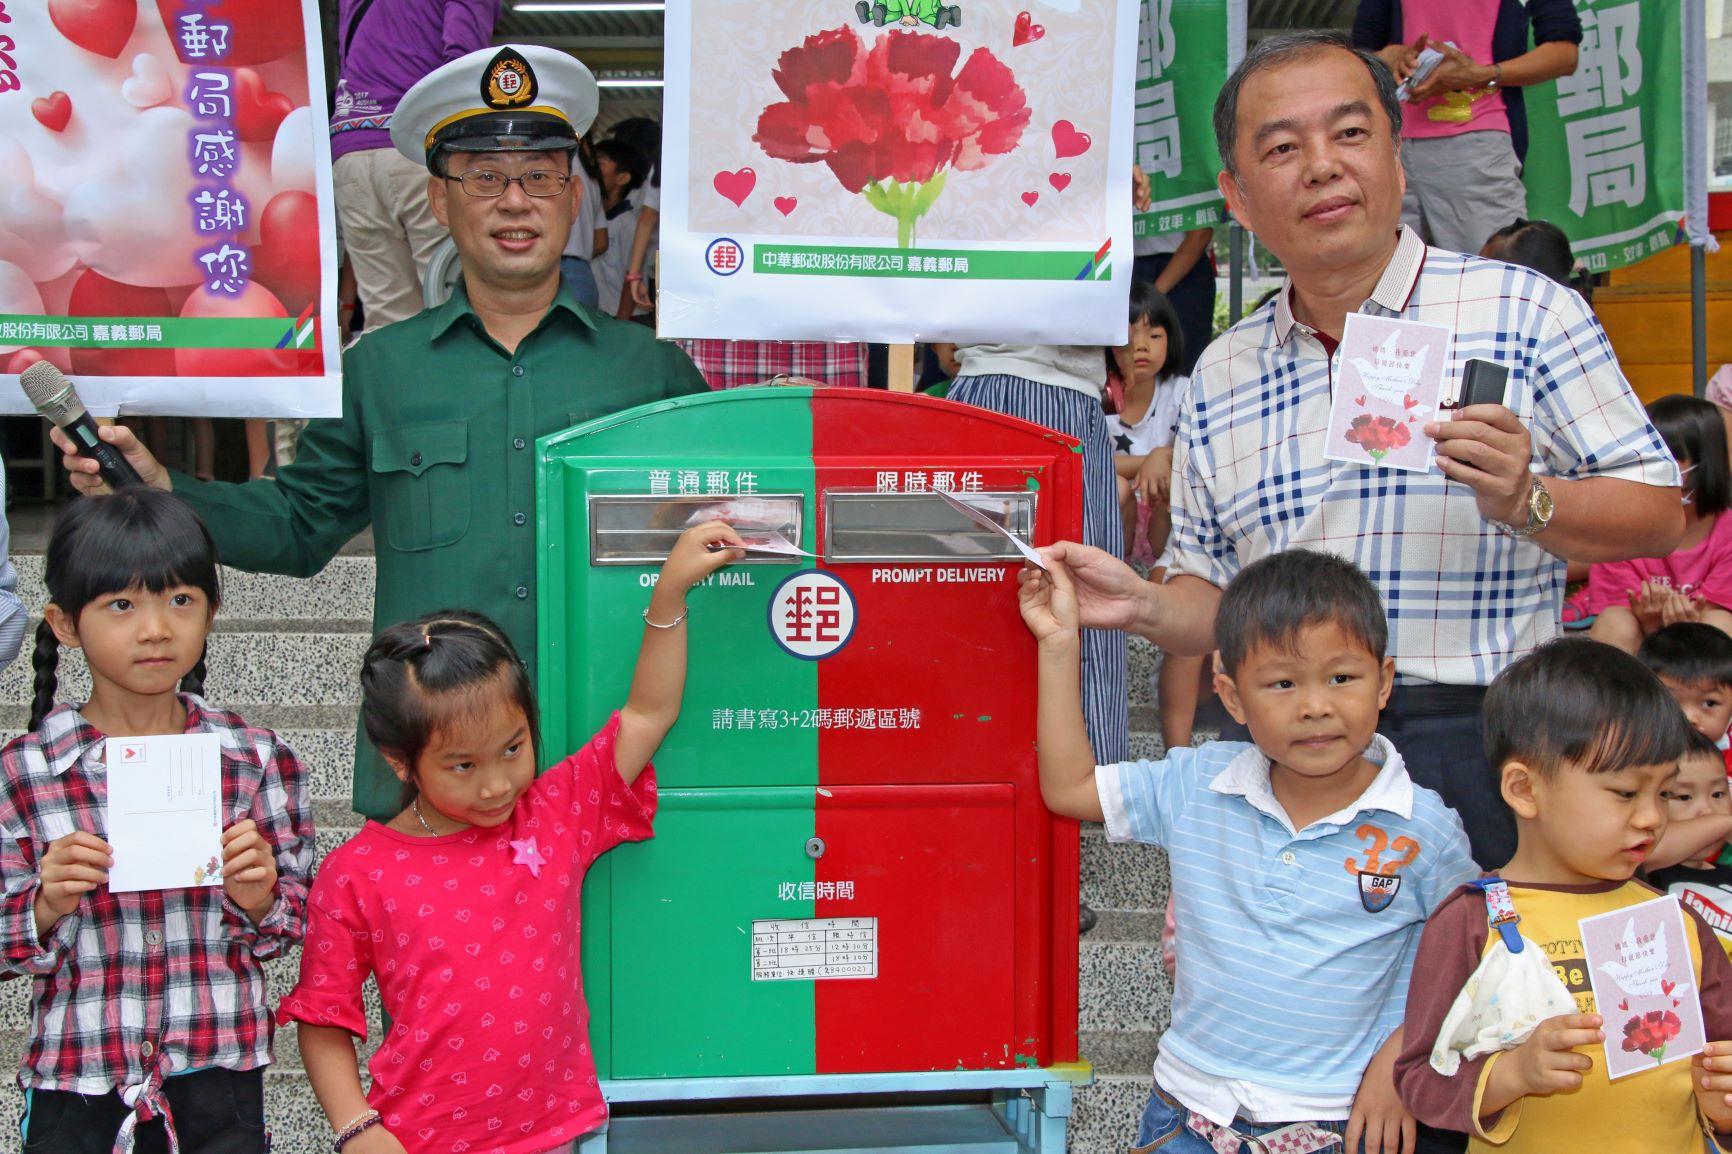 嘉義郵局母親節「媽媽,我愛您」明信片活動